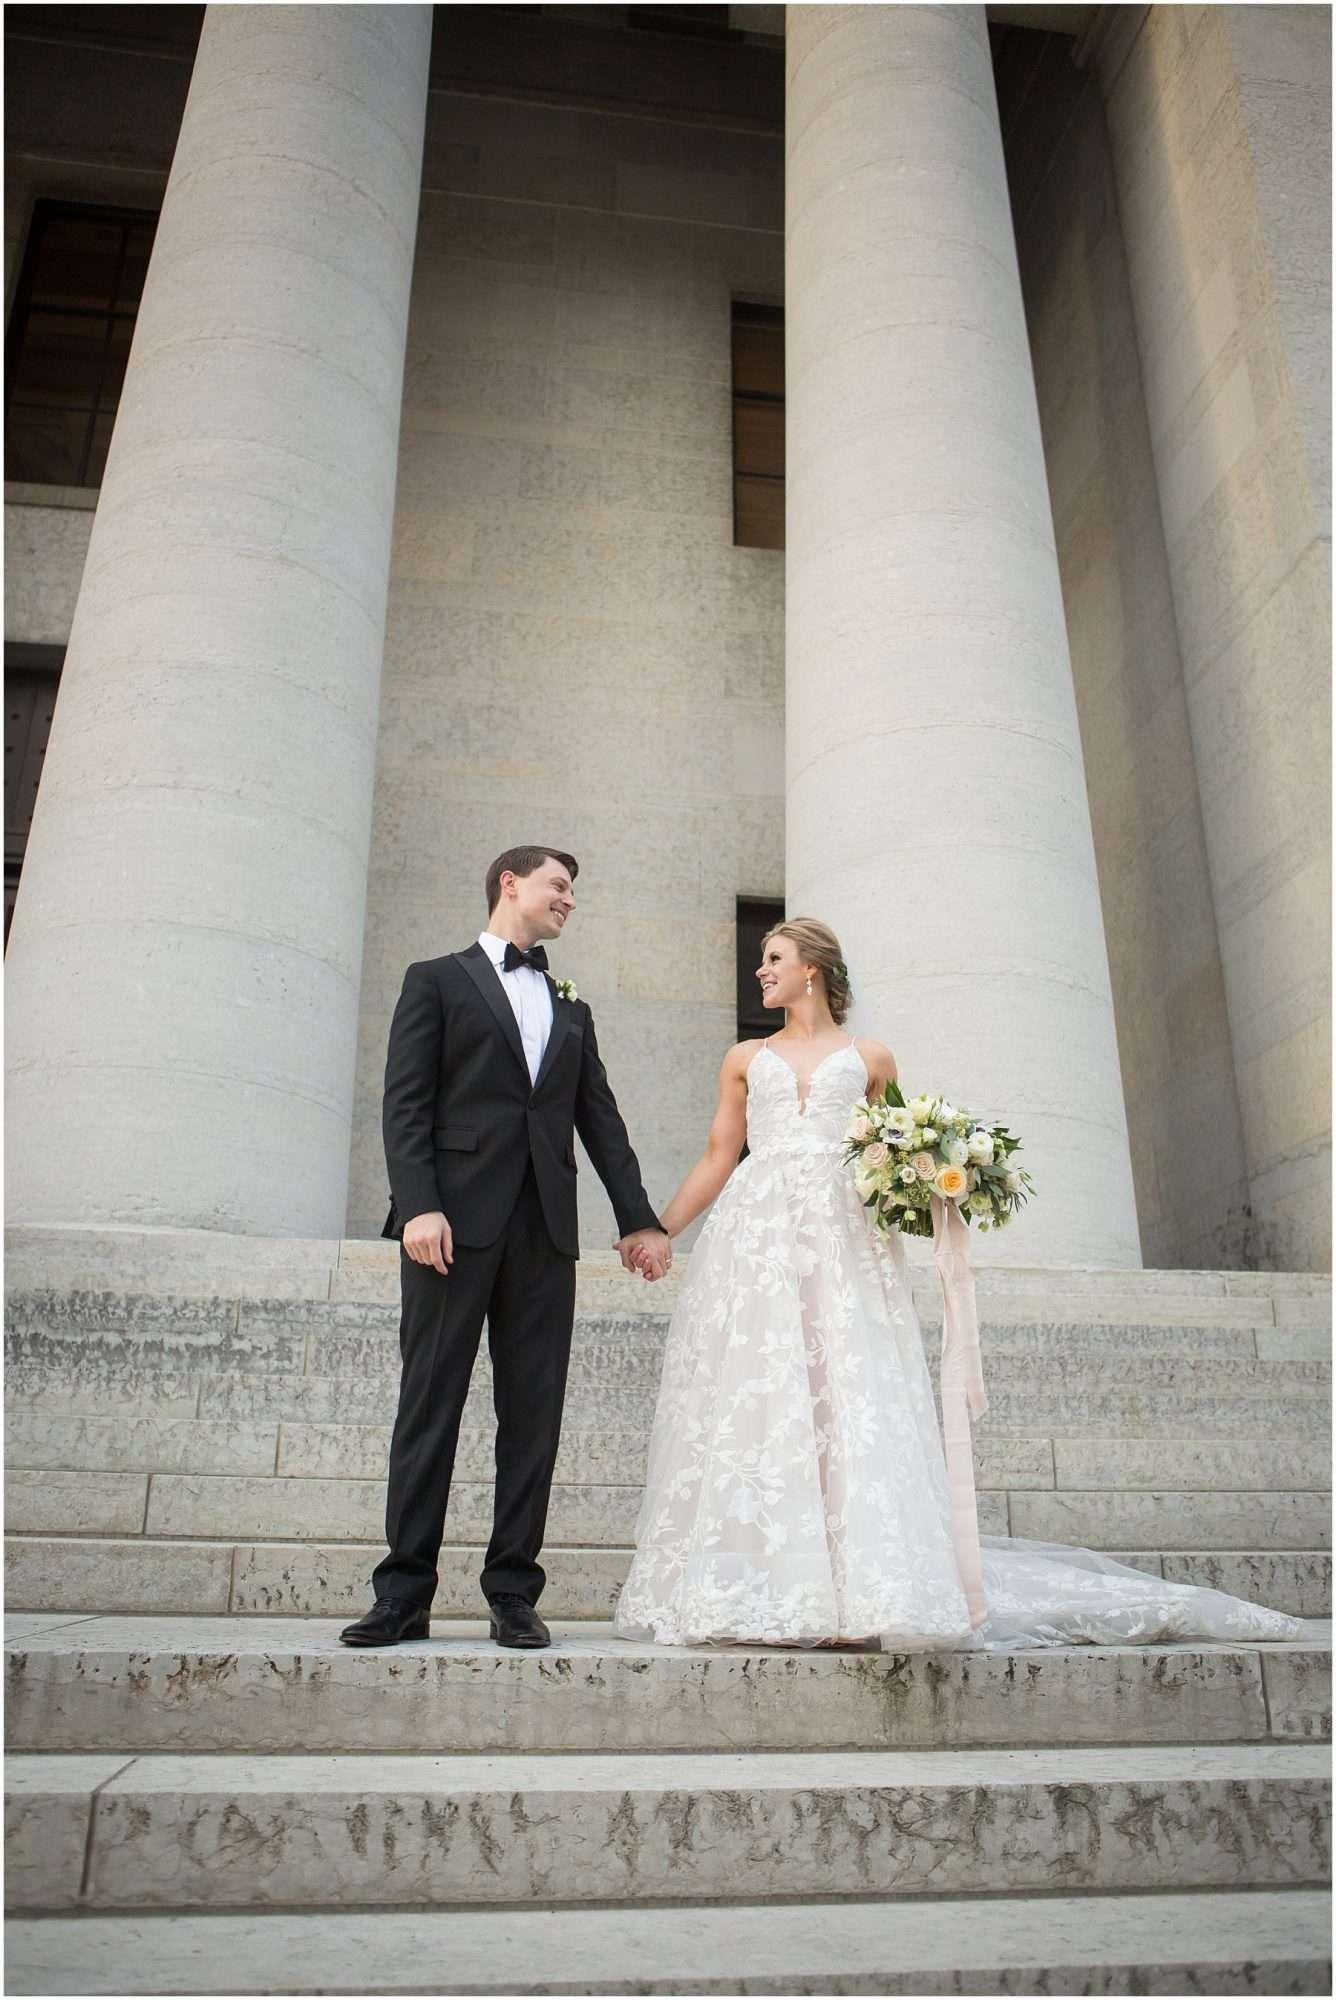 Wedding at the Ohio Statehouse | Columbus Ohio Weddings 150